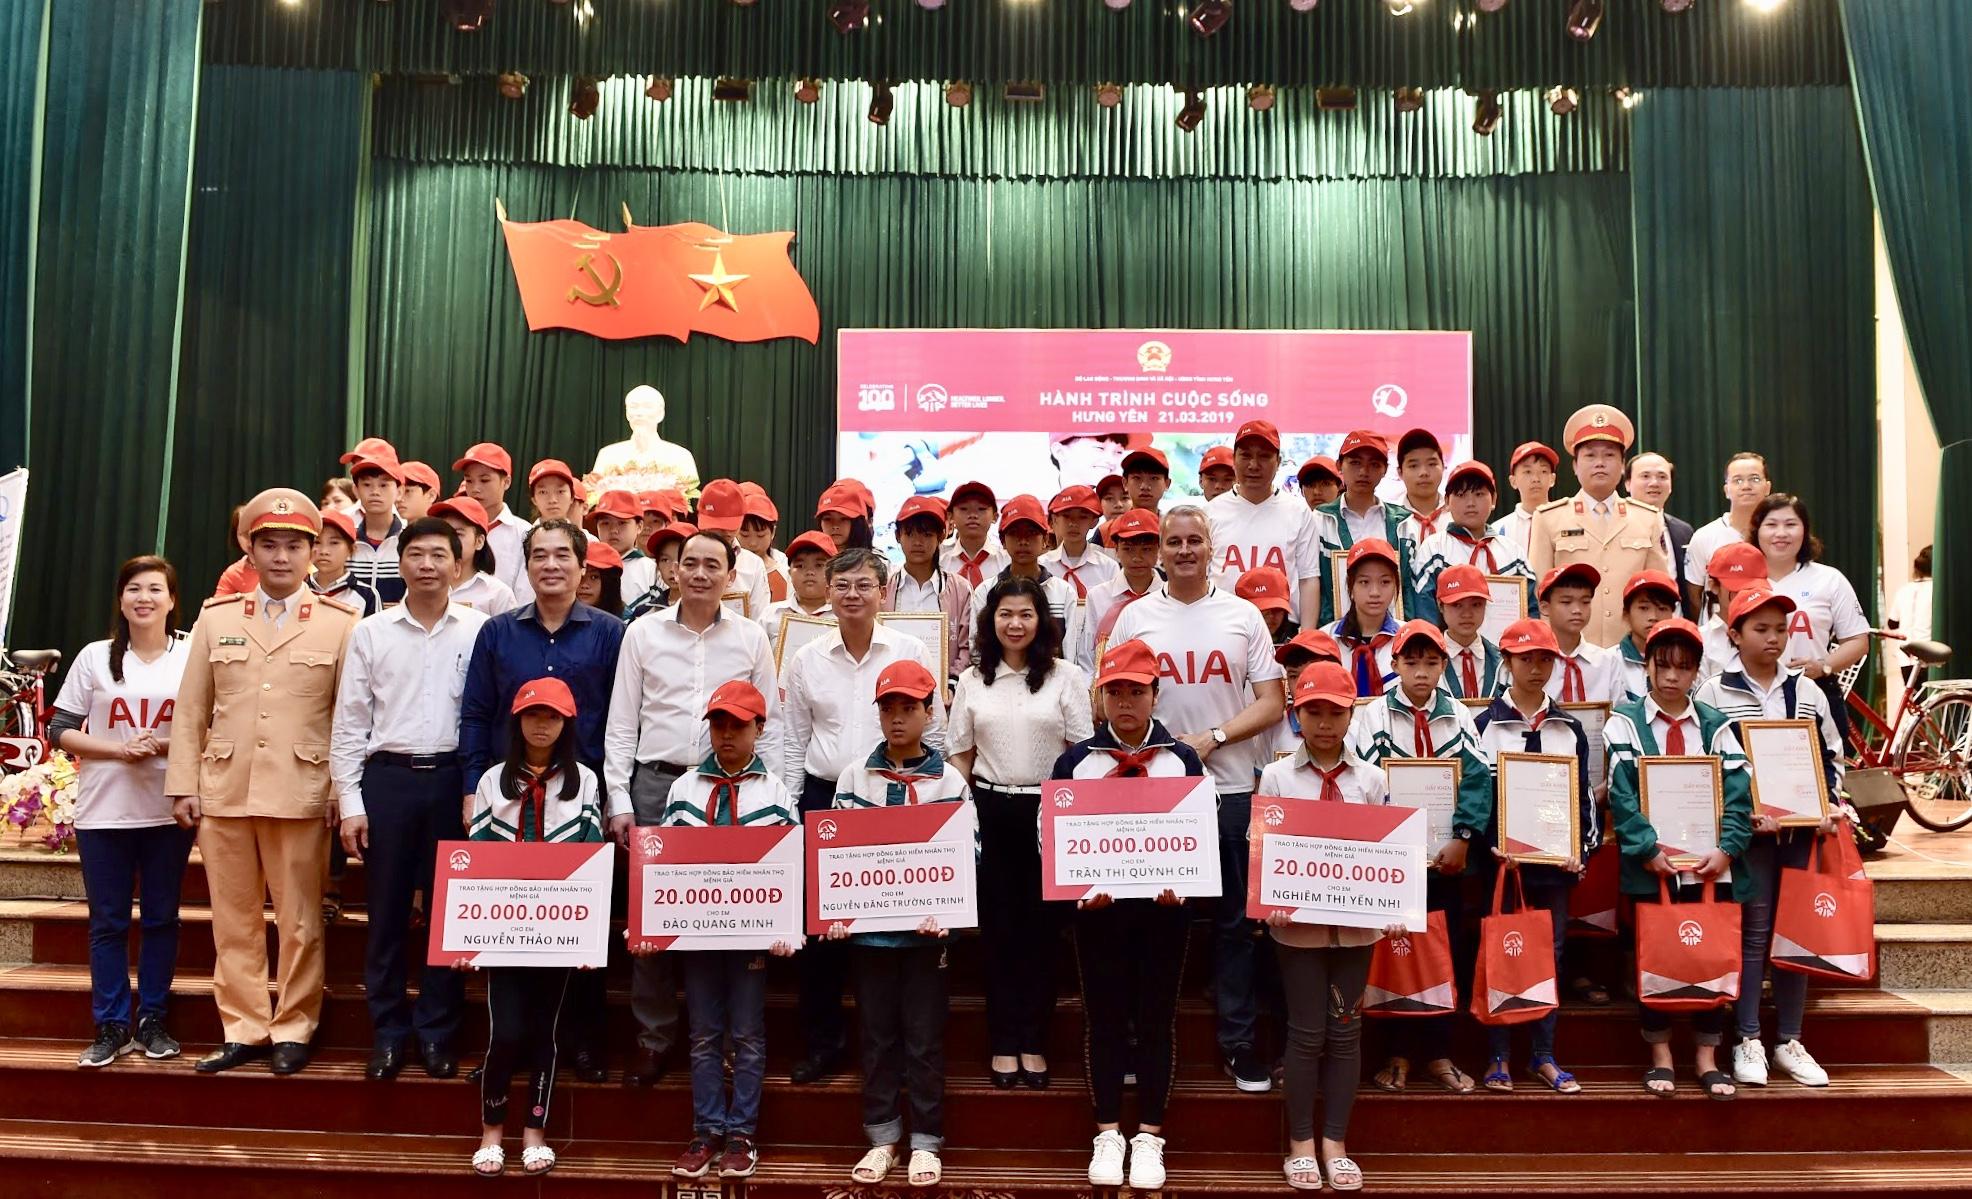 Trao tặng 91 xe đạp cho trẻ em khó khăn tỉnh Hưng Yên